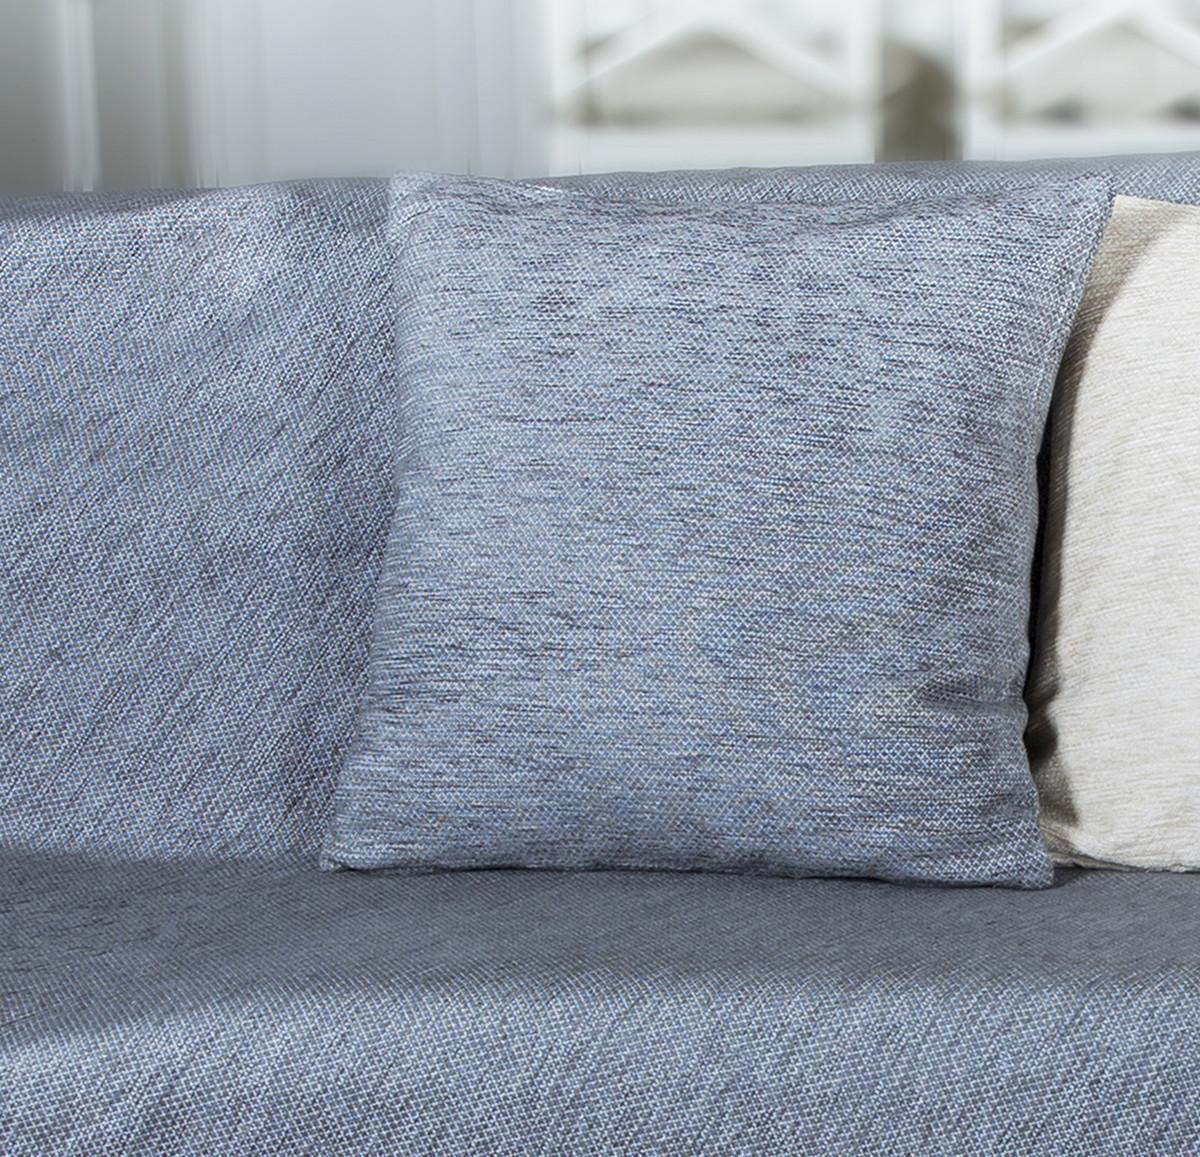 Διακοσμητική Μαξιλαροθήκη Loom To Room Miski Grey